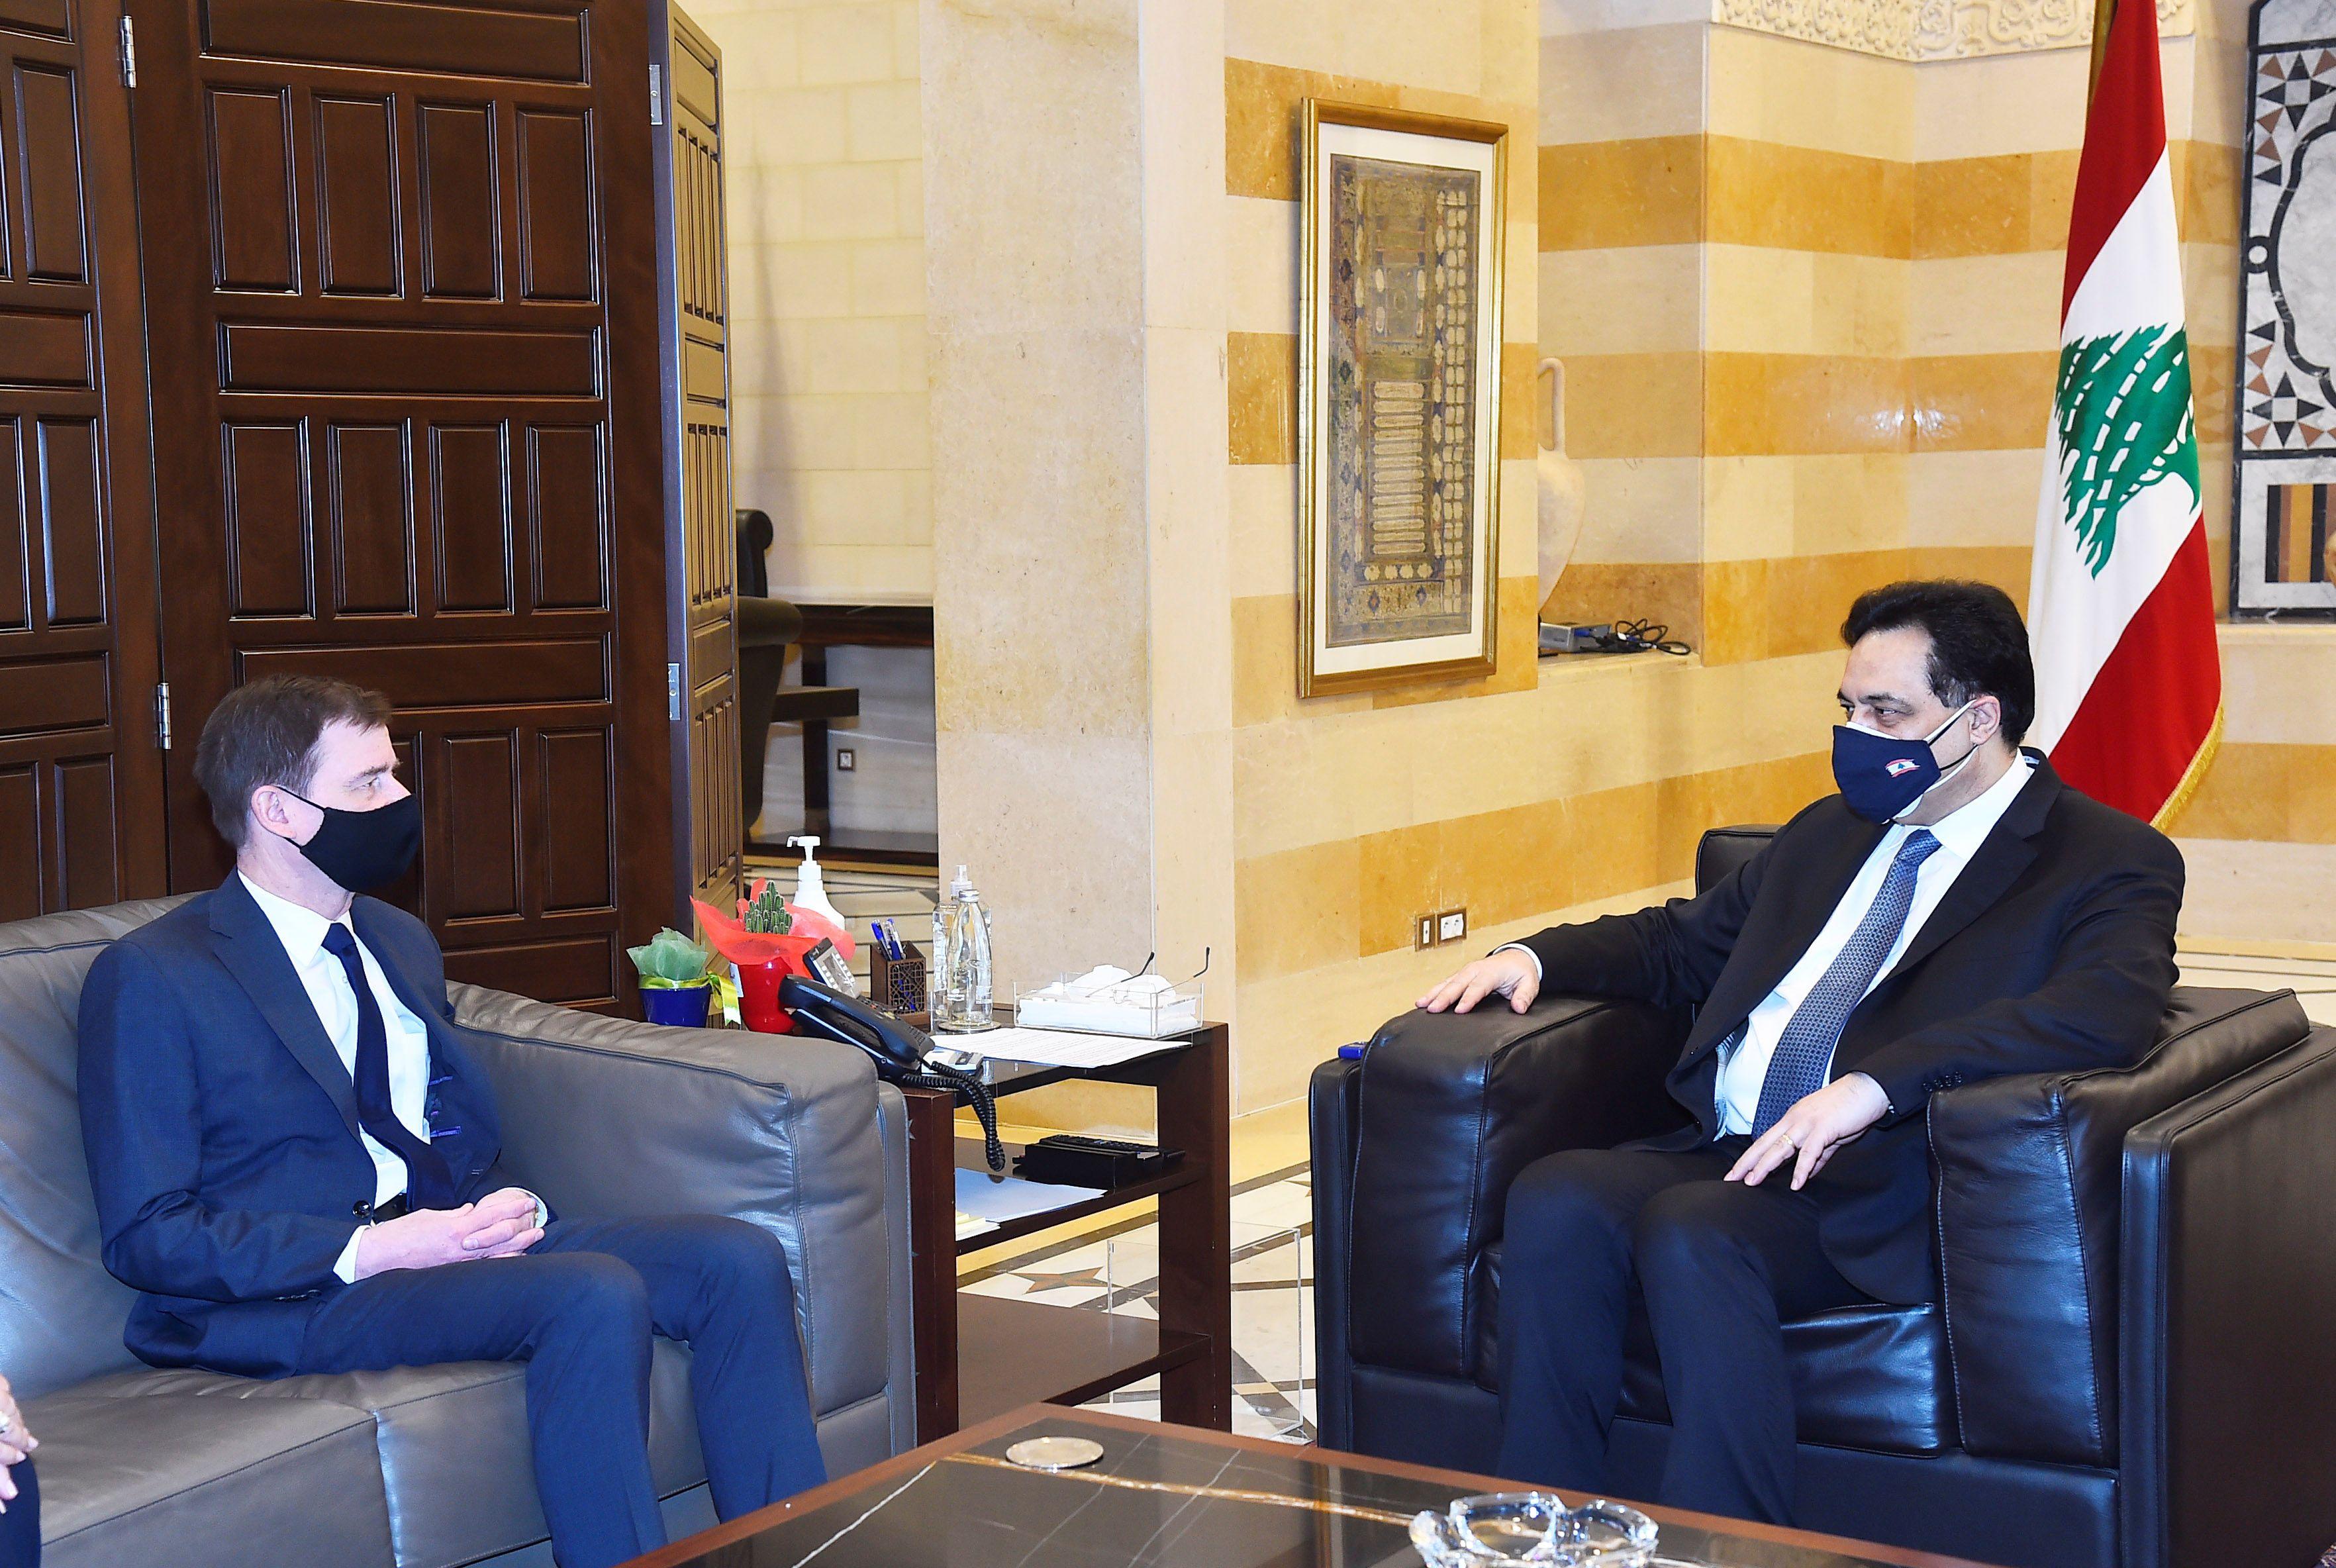 El subsecretario de Estado de Estados Unidos para Asuntos Políticos, David Hale, se reúne con el primer ministro interino del Líbano, Hassan Diab, en el palacio gubernamental en Beirut, Líbano, el 15 de abril de 2021. Dalati Nohra / vía REUTERS